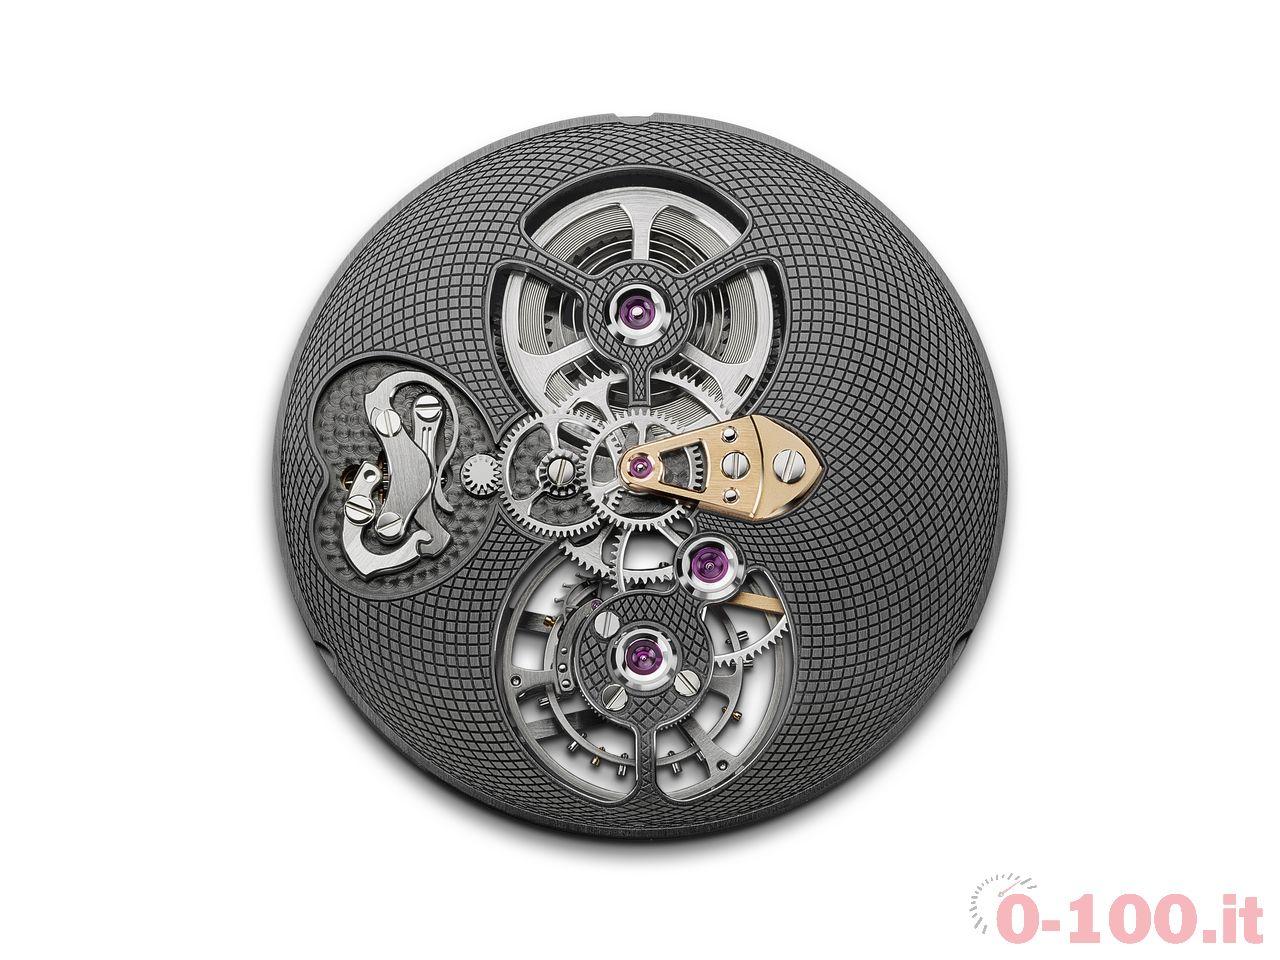 arnold-son-tes-tourbillon-ref-1sjar-v01a-c112a-royal-collection-prezzo-price_0-1007